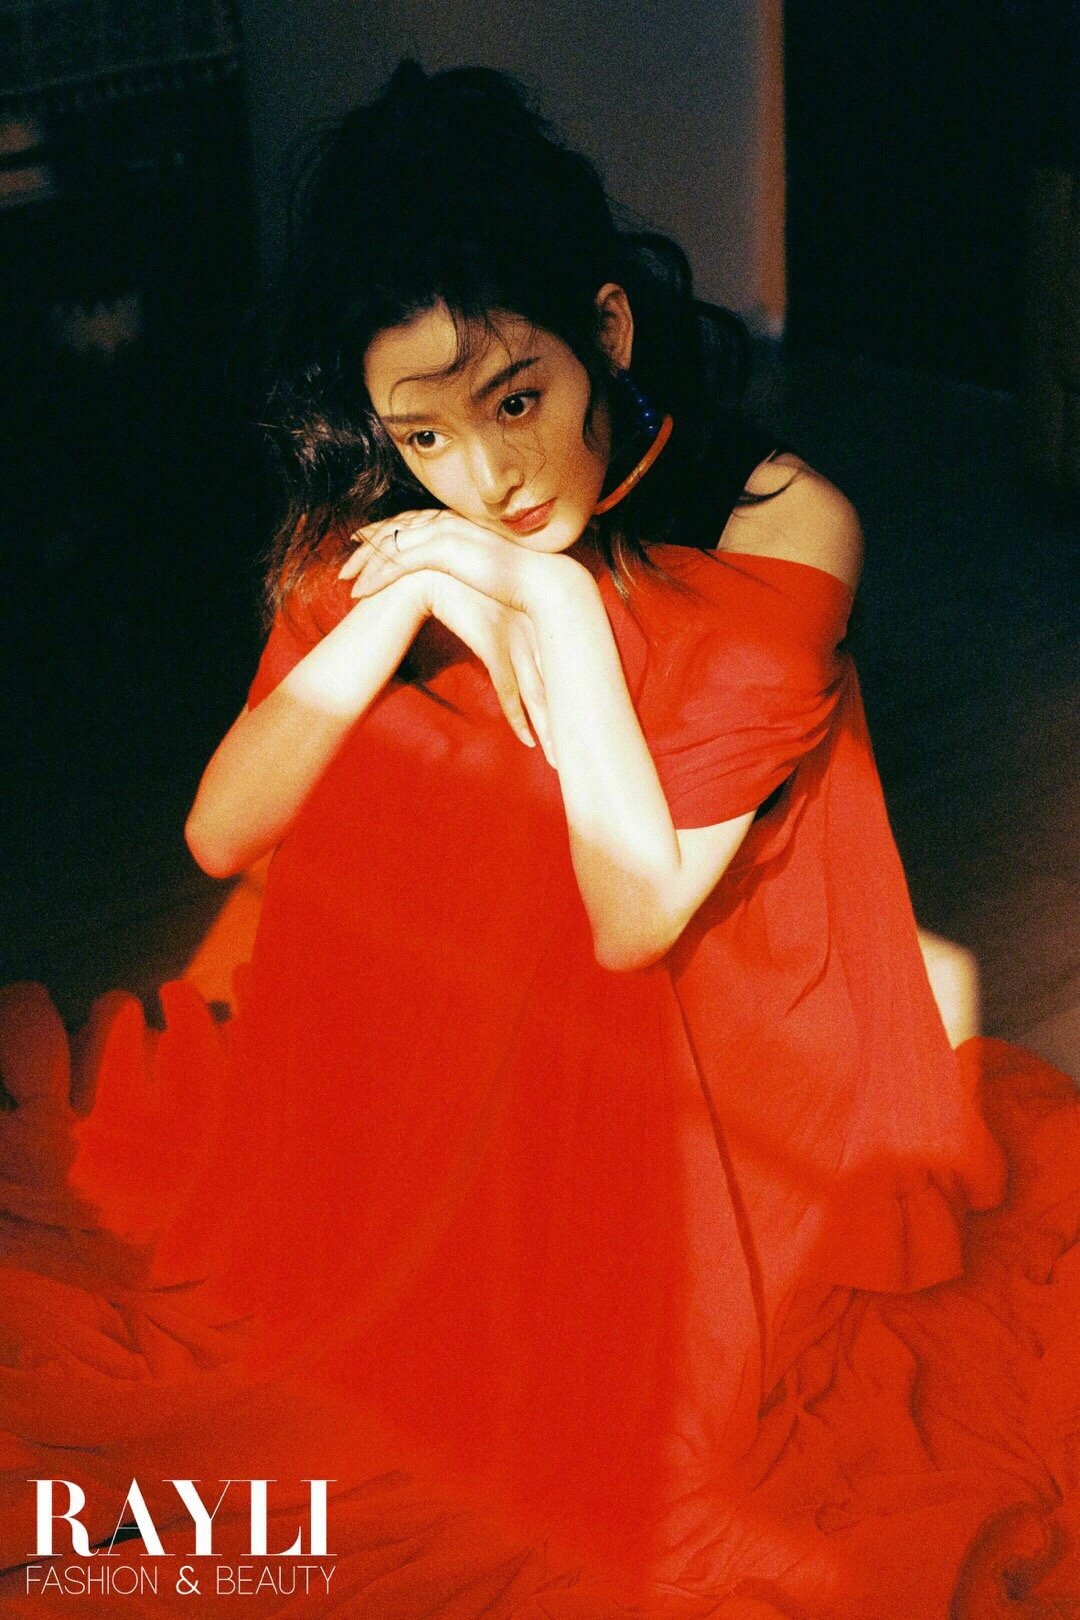 张天爱《瑞丽服饰美容》十二月刊封面大片|复古玩趣的艺术氛围很符合